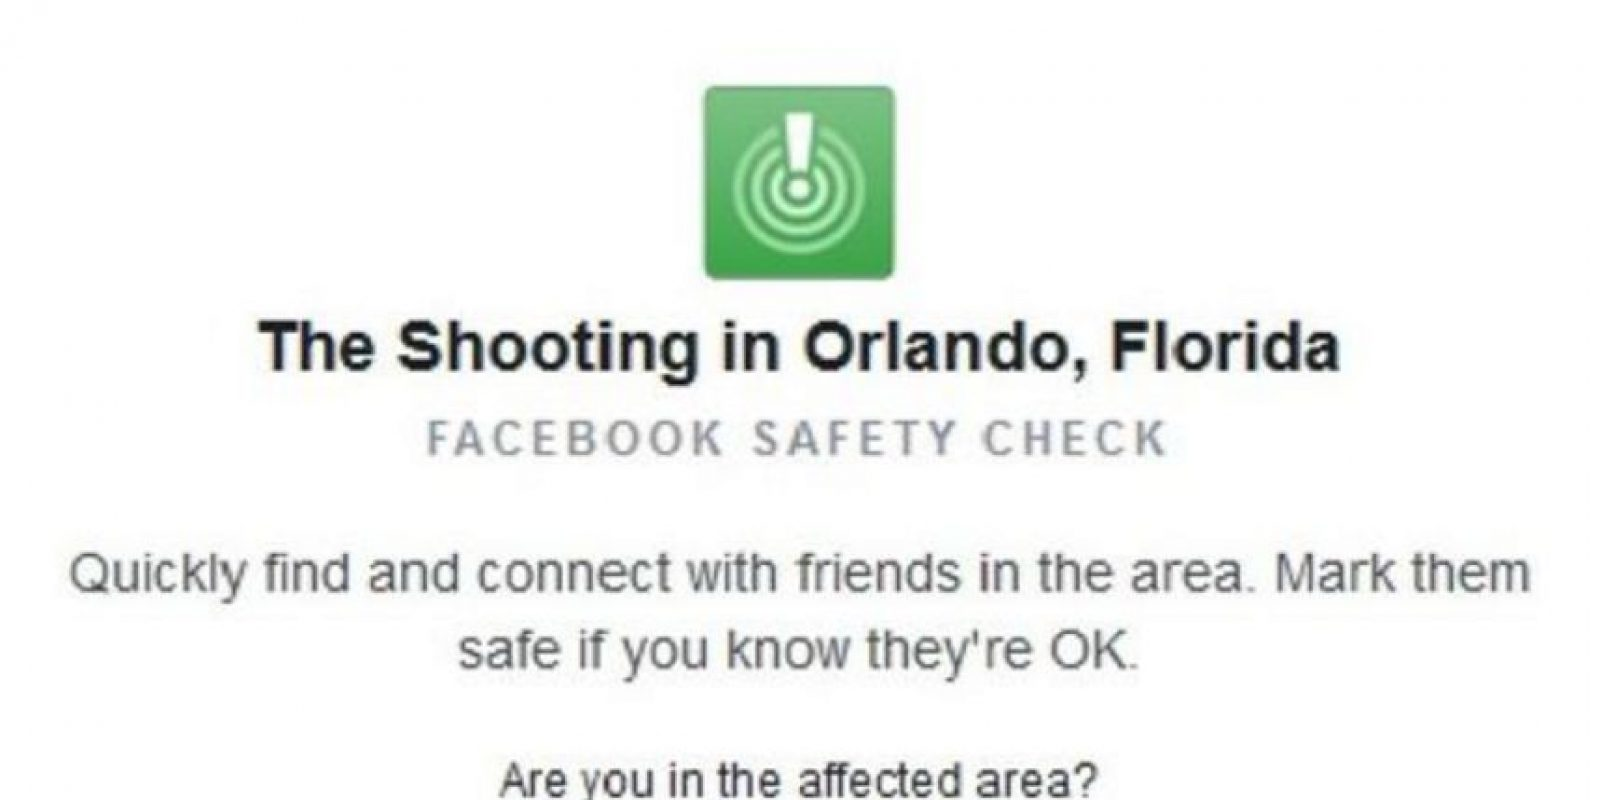 """""""Al despertar esta mañana, me quedé horrorizado al oír sobre el tiroteo en Orlando. Mis pensamientos y oraciones están con las víctimas, sus familias y la comunidad LGBT"""", mencionó el CEO de la red social. Foto:Facebook"""